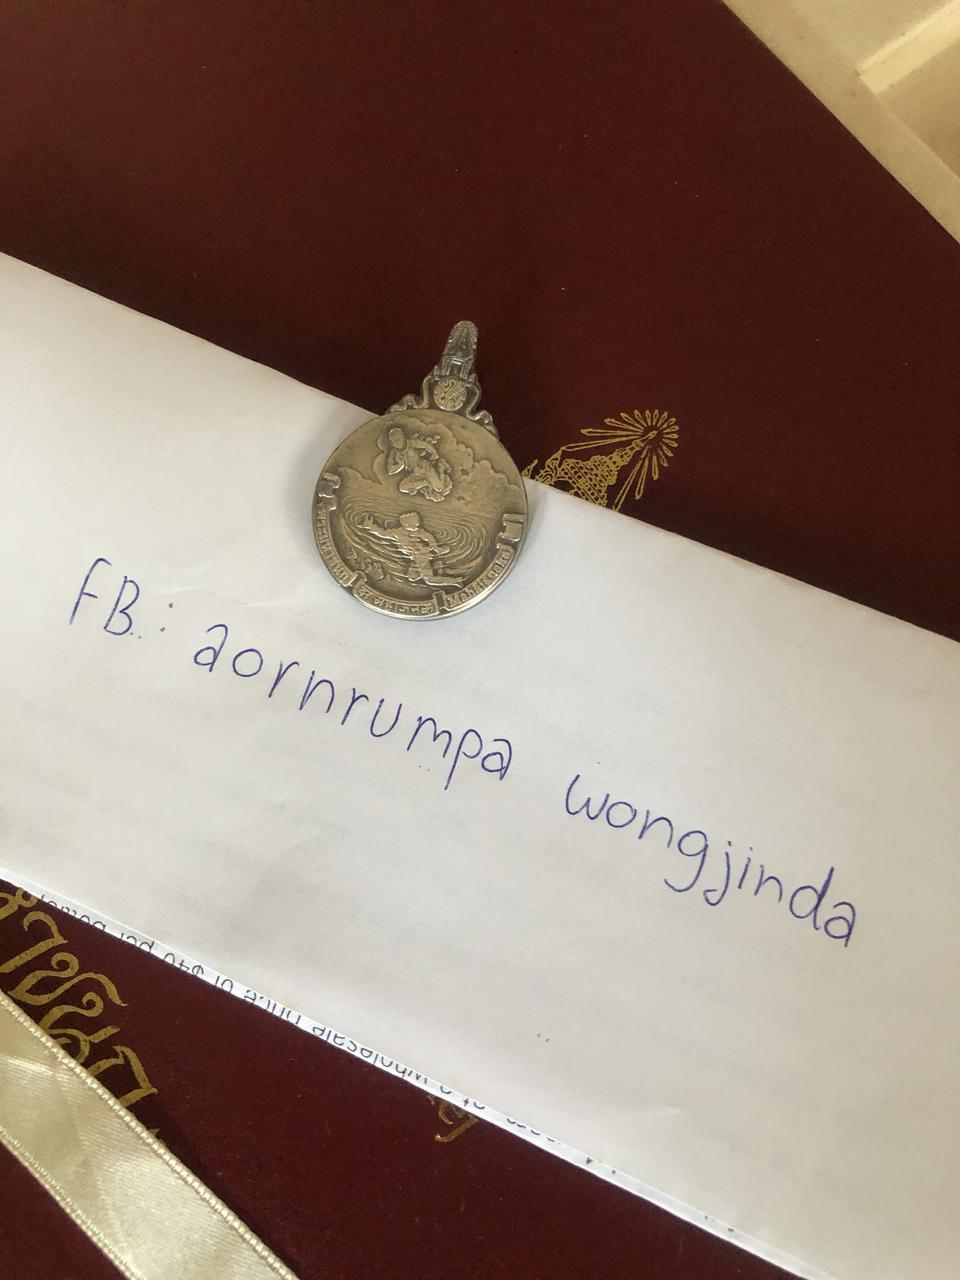 เหรียญพระมหาชนก พิมพ์ใหญ่ เนื้อเงิน ปี 2539 รูปที่ 5